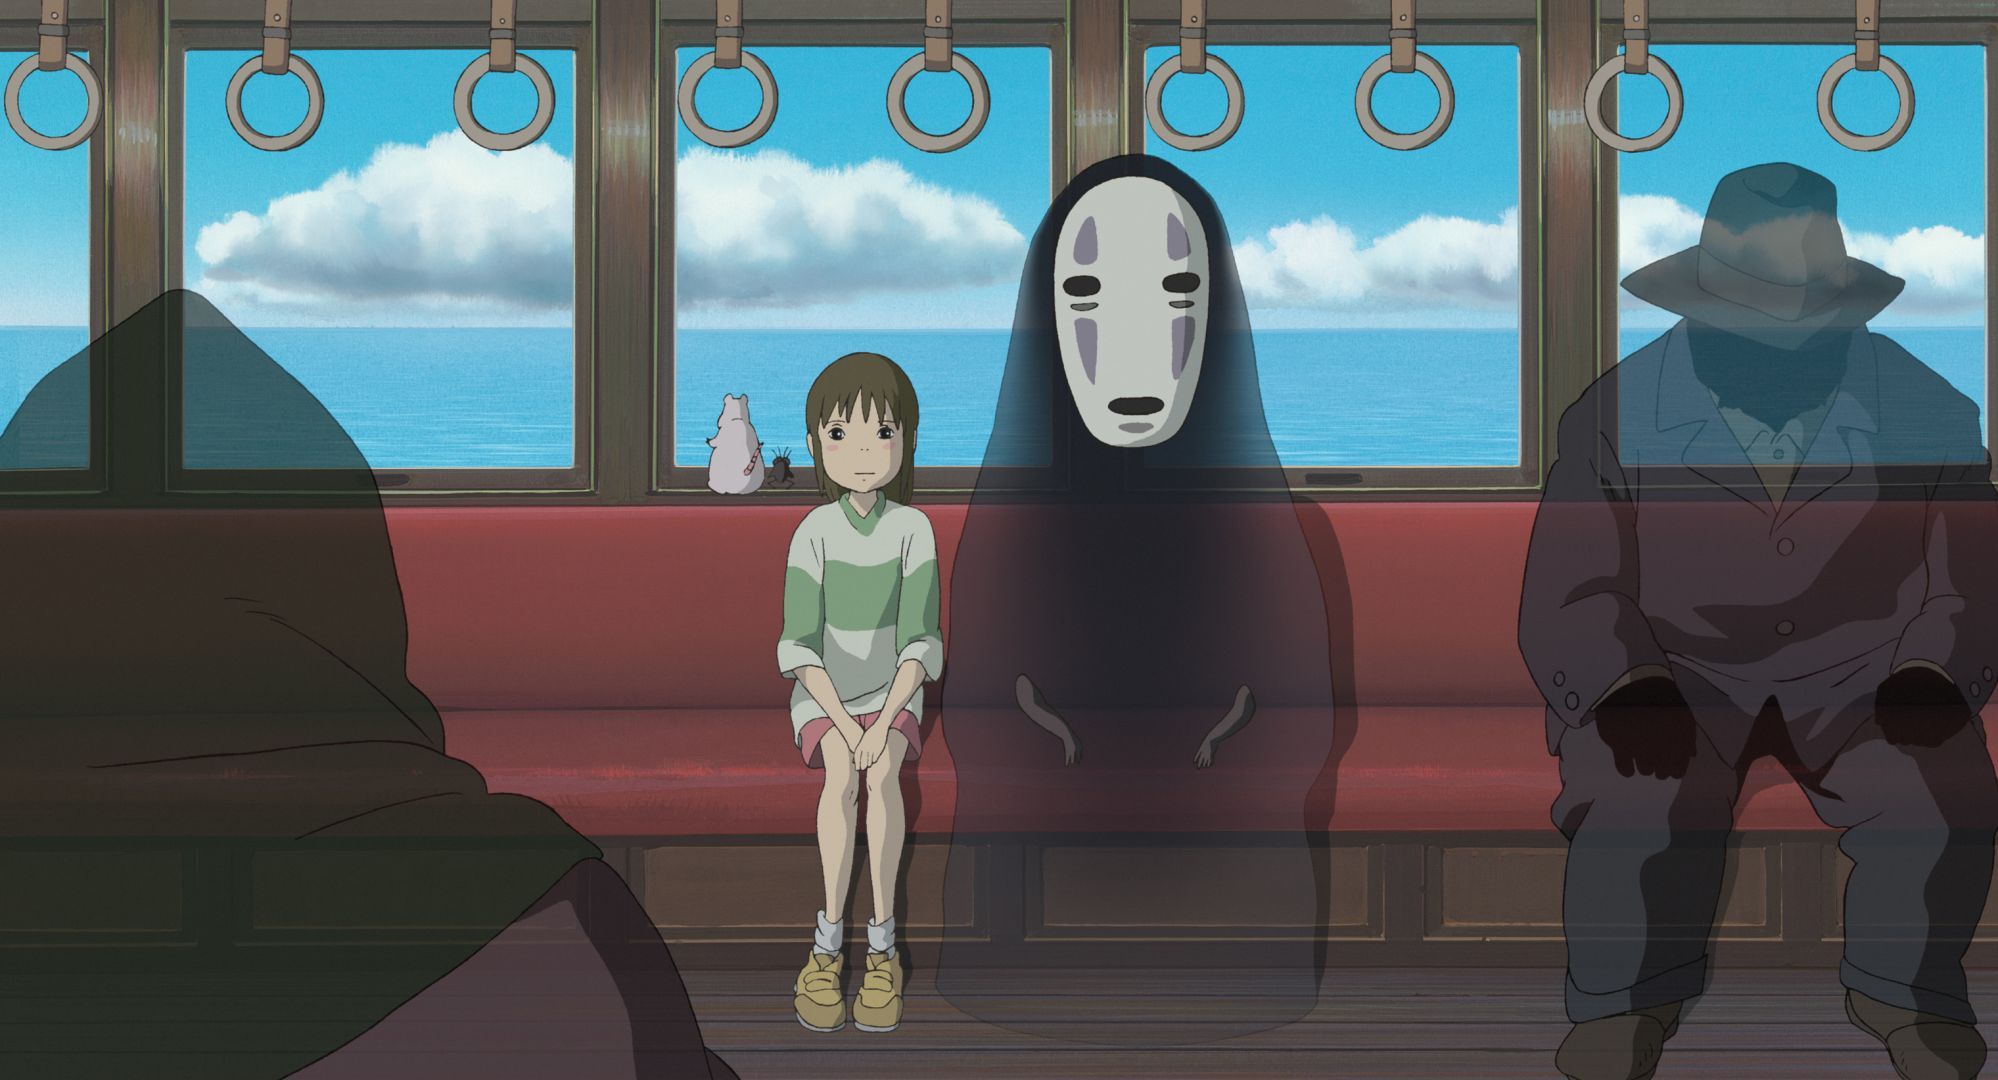 «Унесённые призраками» Хаяо Миядзаки спустя 18 лет, выходит в Китае